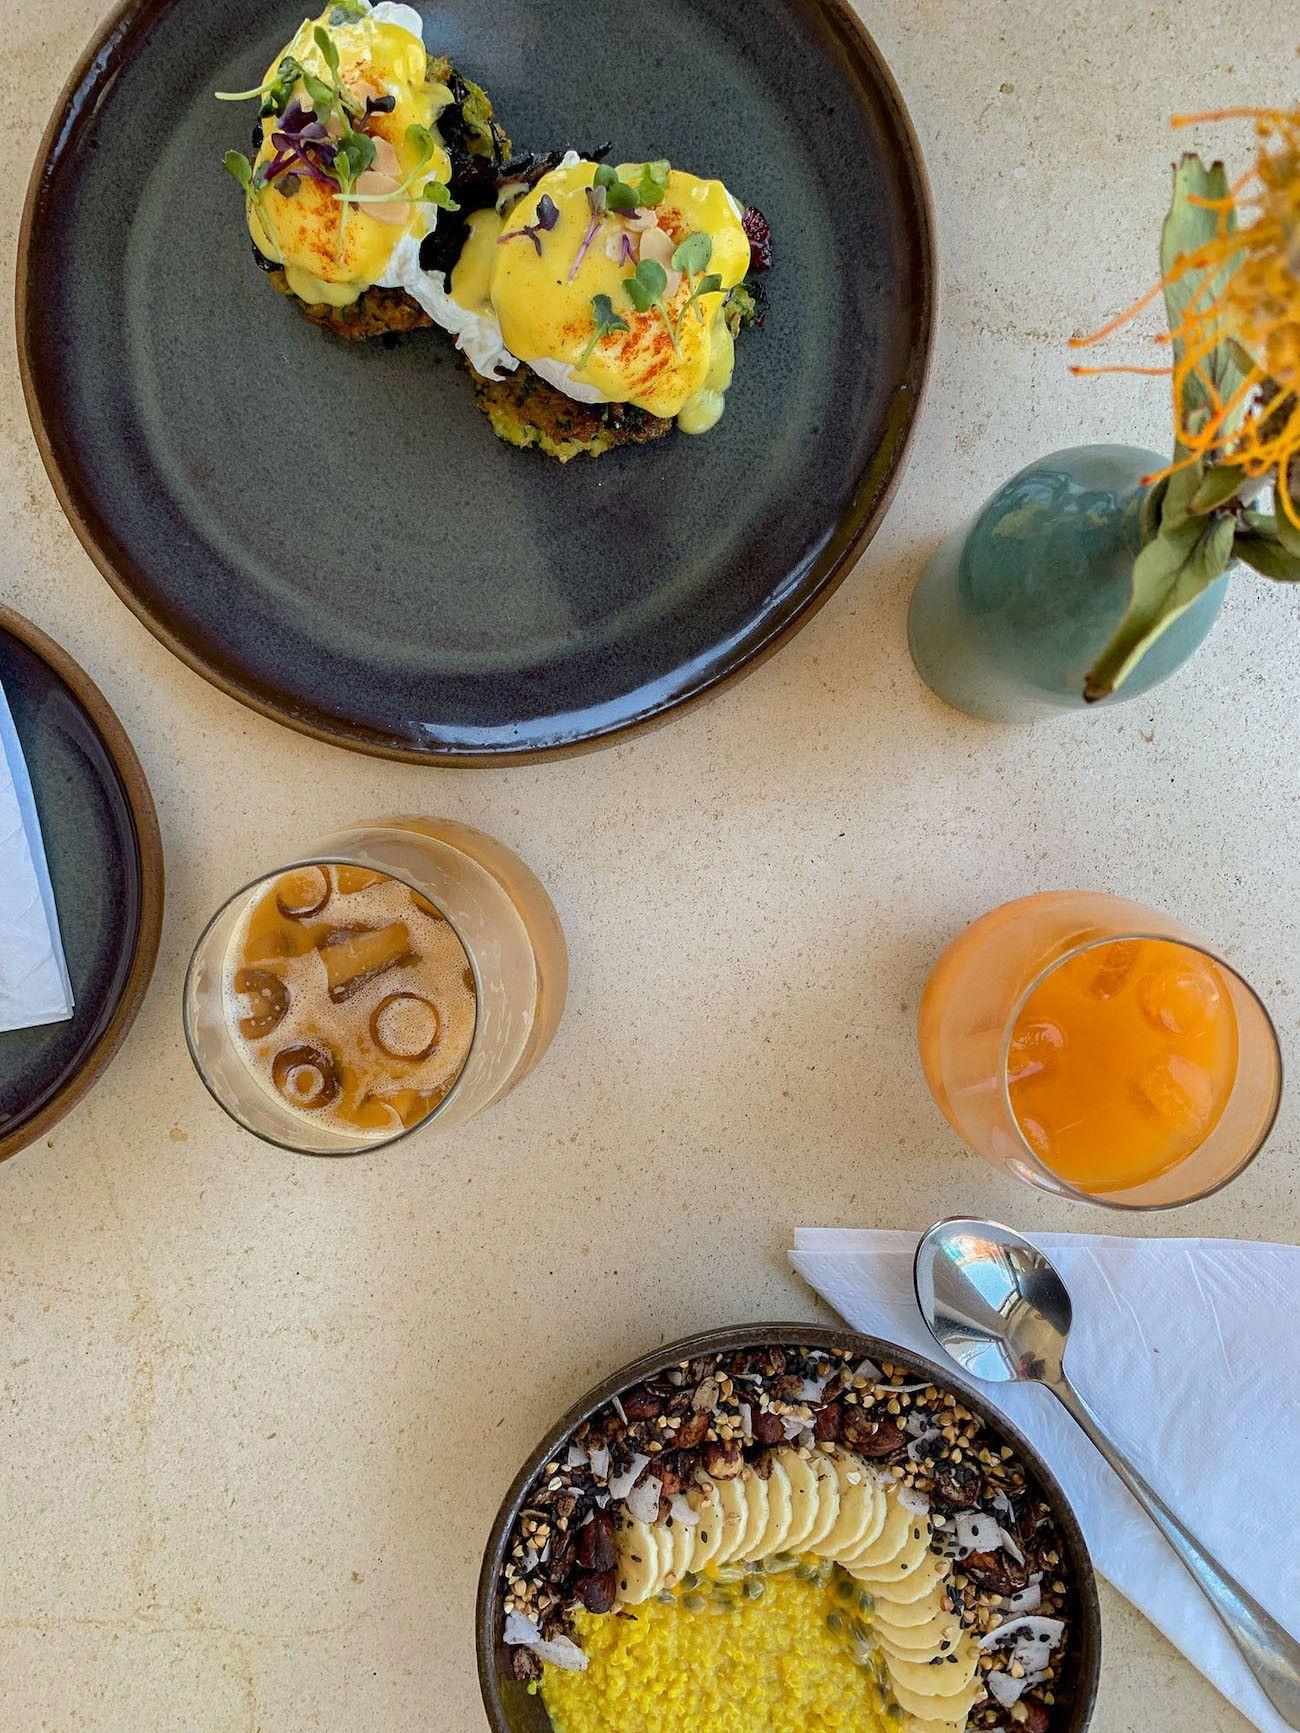 Frühstücks - und Brunch Guide für Kapstadt, Harvest Cafe, Bowl, Blumen, Saft